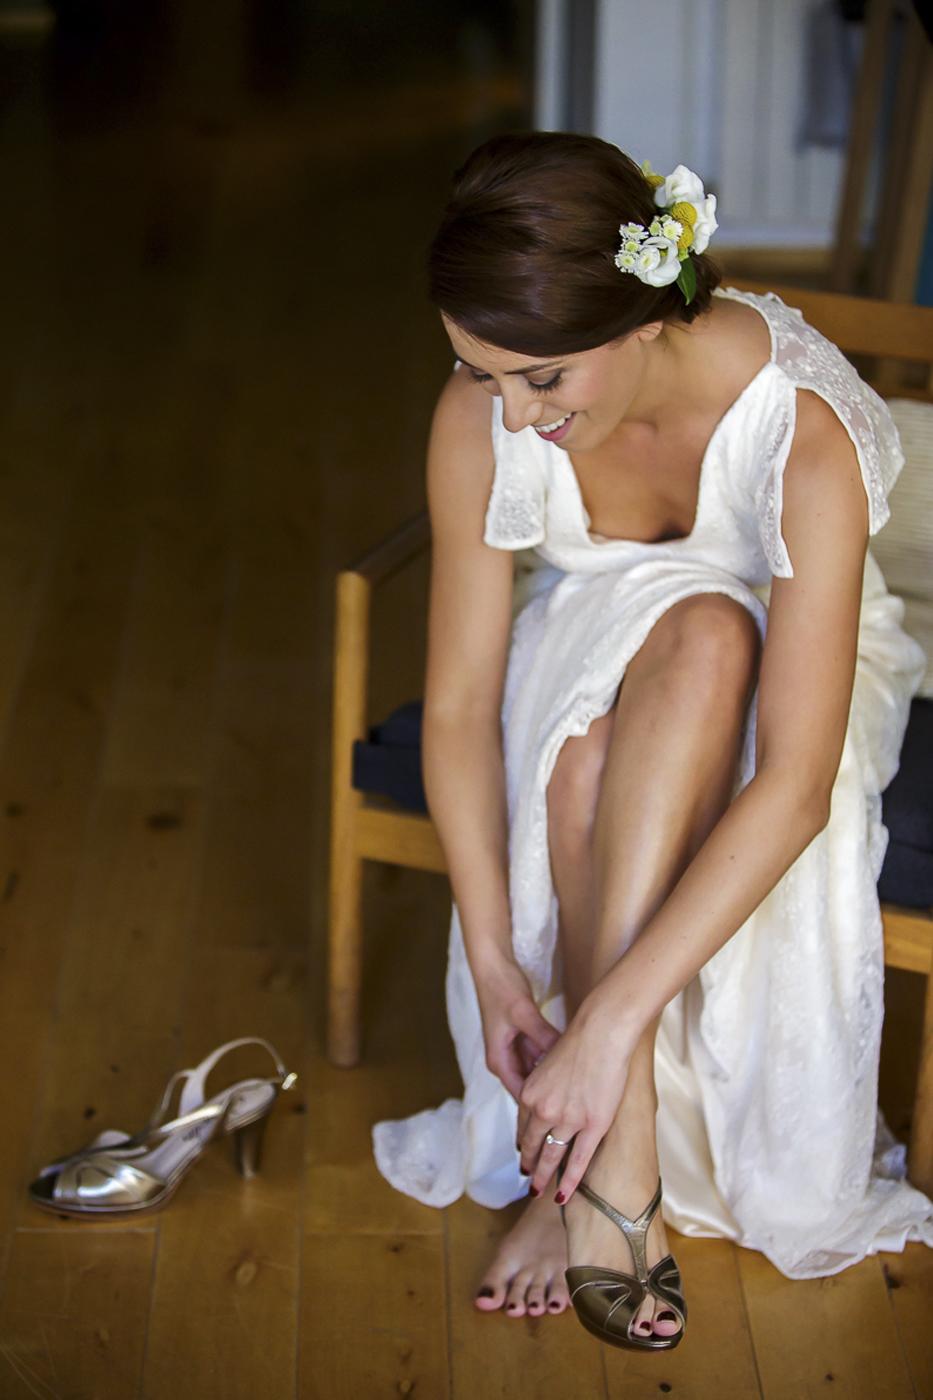 Arranjaments florals per a un casament fresc i mediterrani on vam realitzar la corona pel cap de la núvia, les agulles pel nuvi i el padrí, el ram de la núvia, els centres de taulai la decoració de les cadires de la cerimònia tot amb tons verds, grocs i blancs.